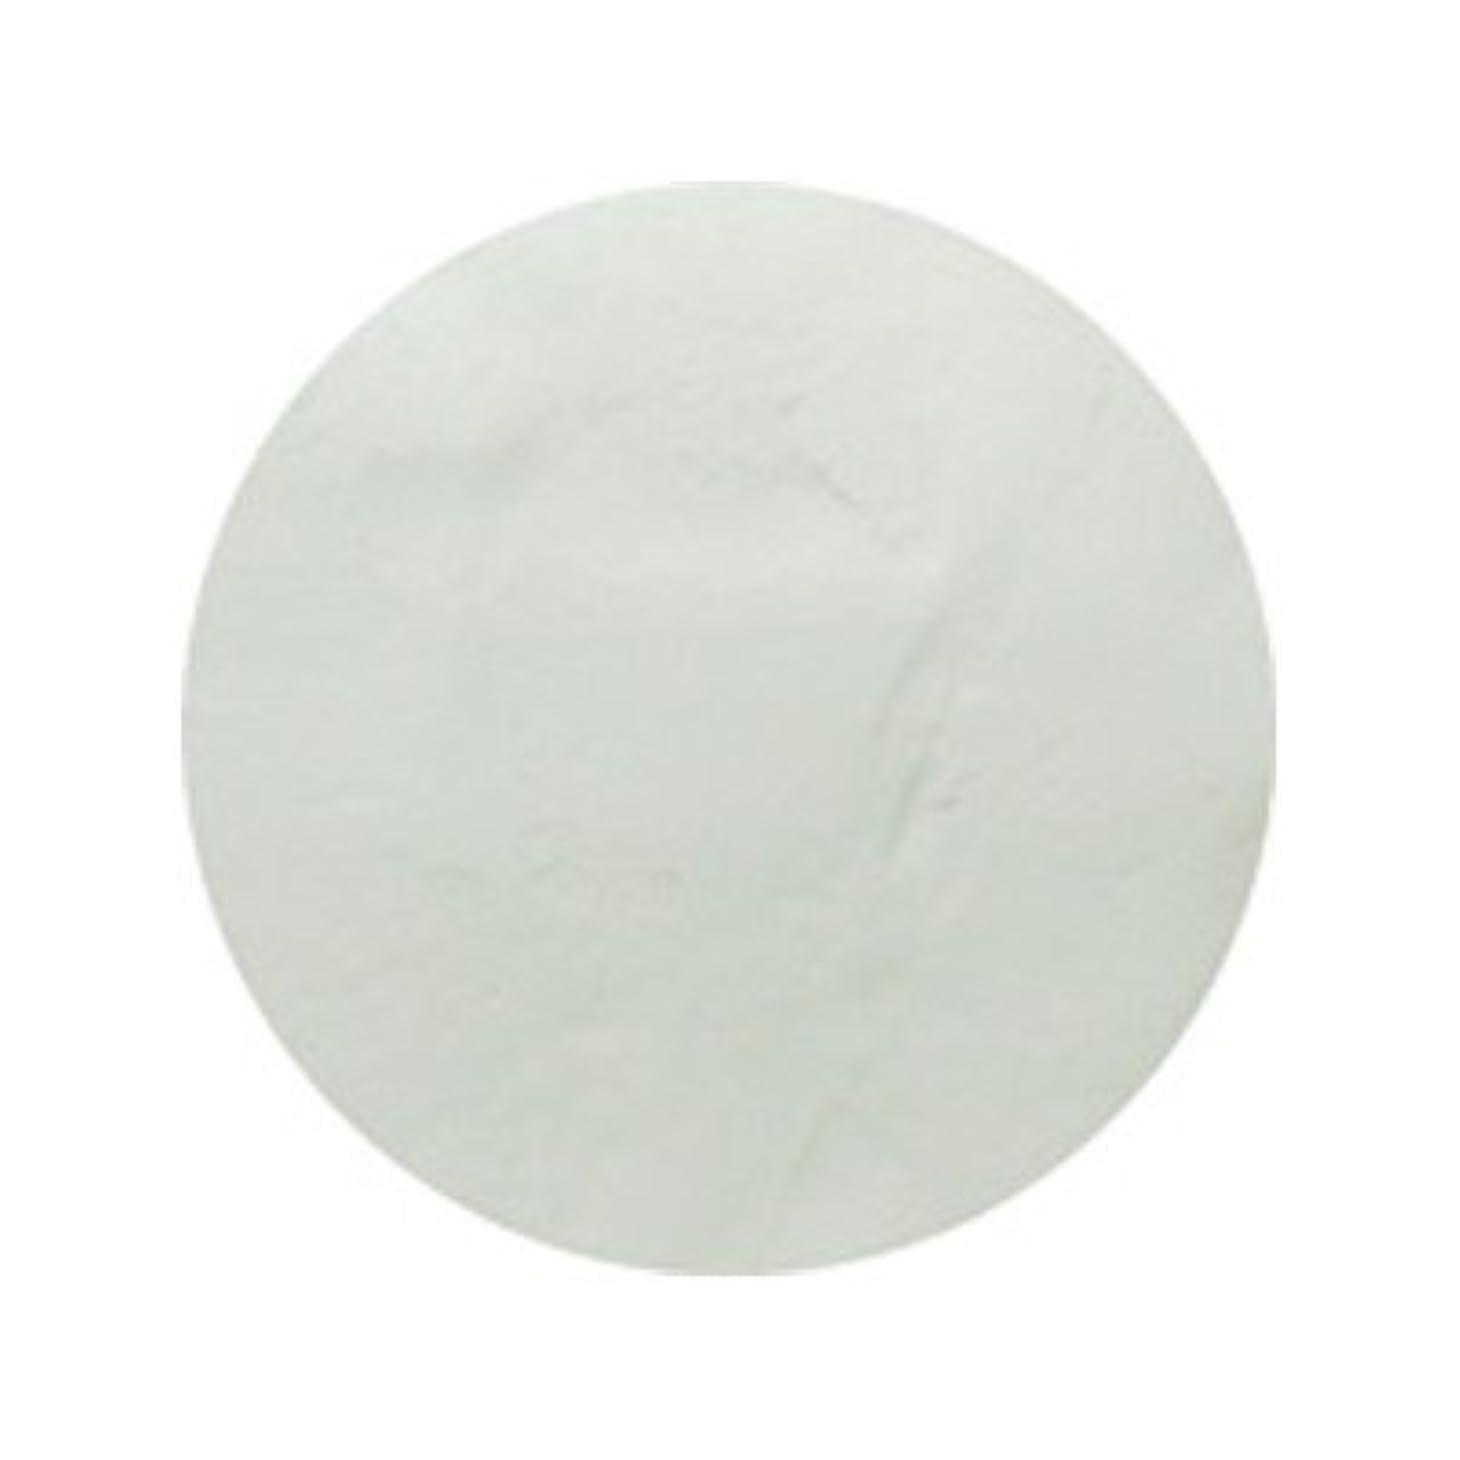 引き金発行する頼るピカエース #700 着色顔料 スノーホワイト